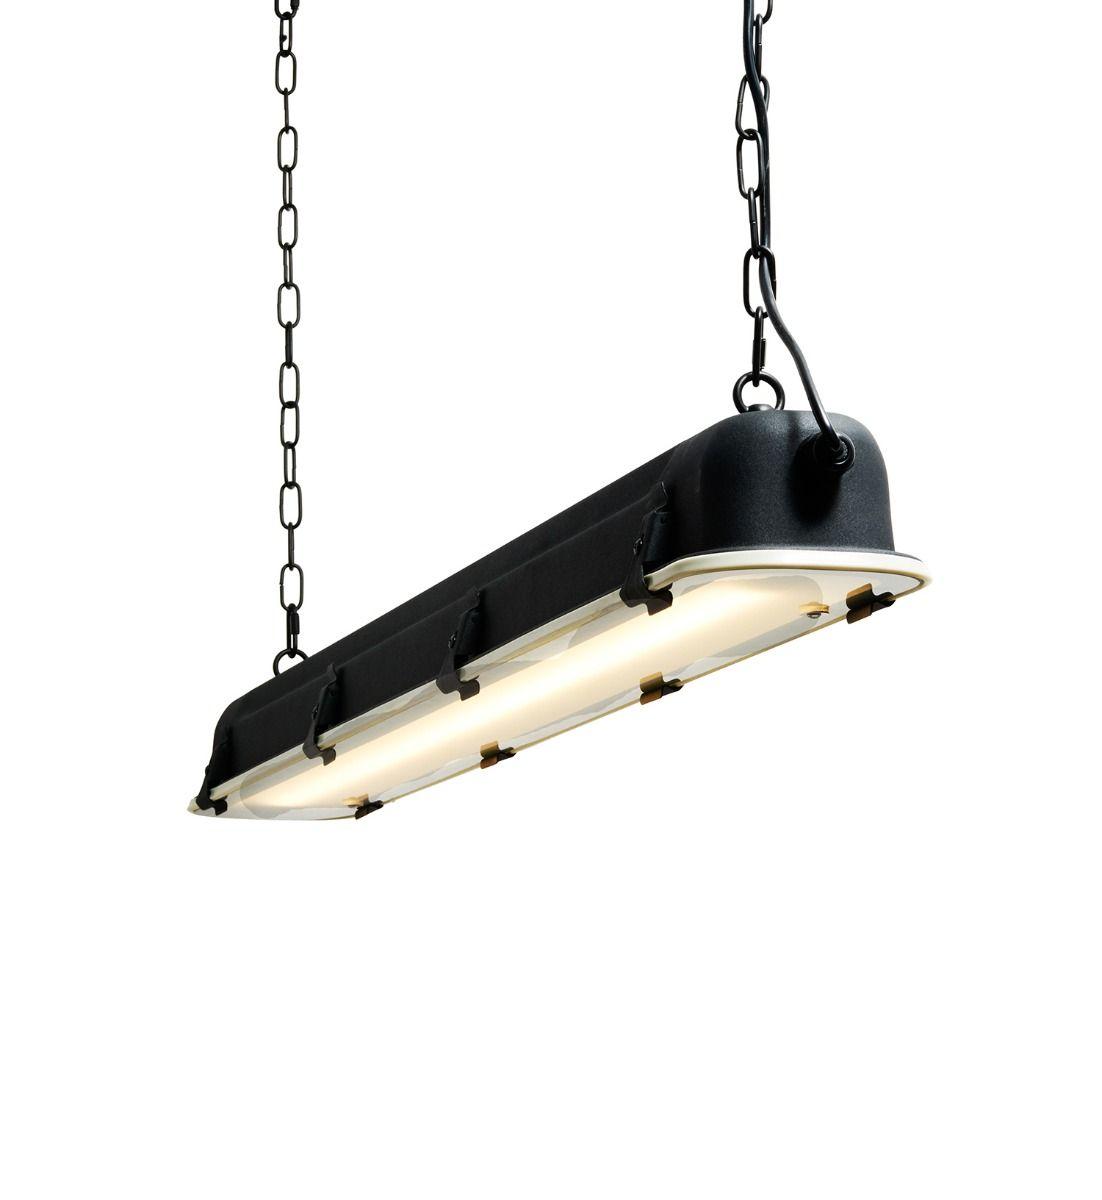 Porringer Lamp Modern Hanging Lights Hanging Light Bulbs Lighting